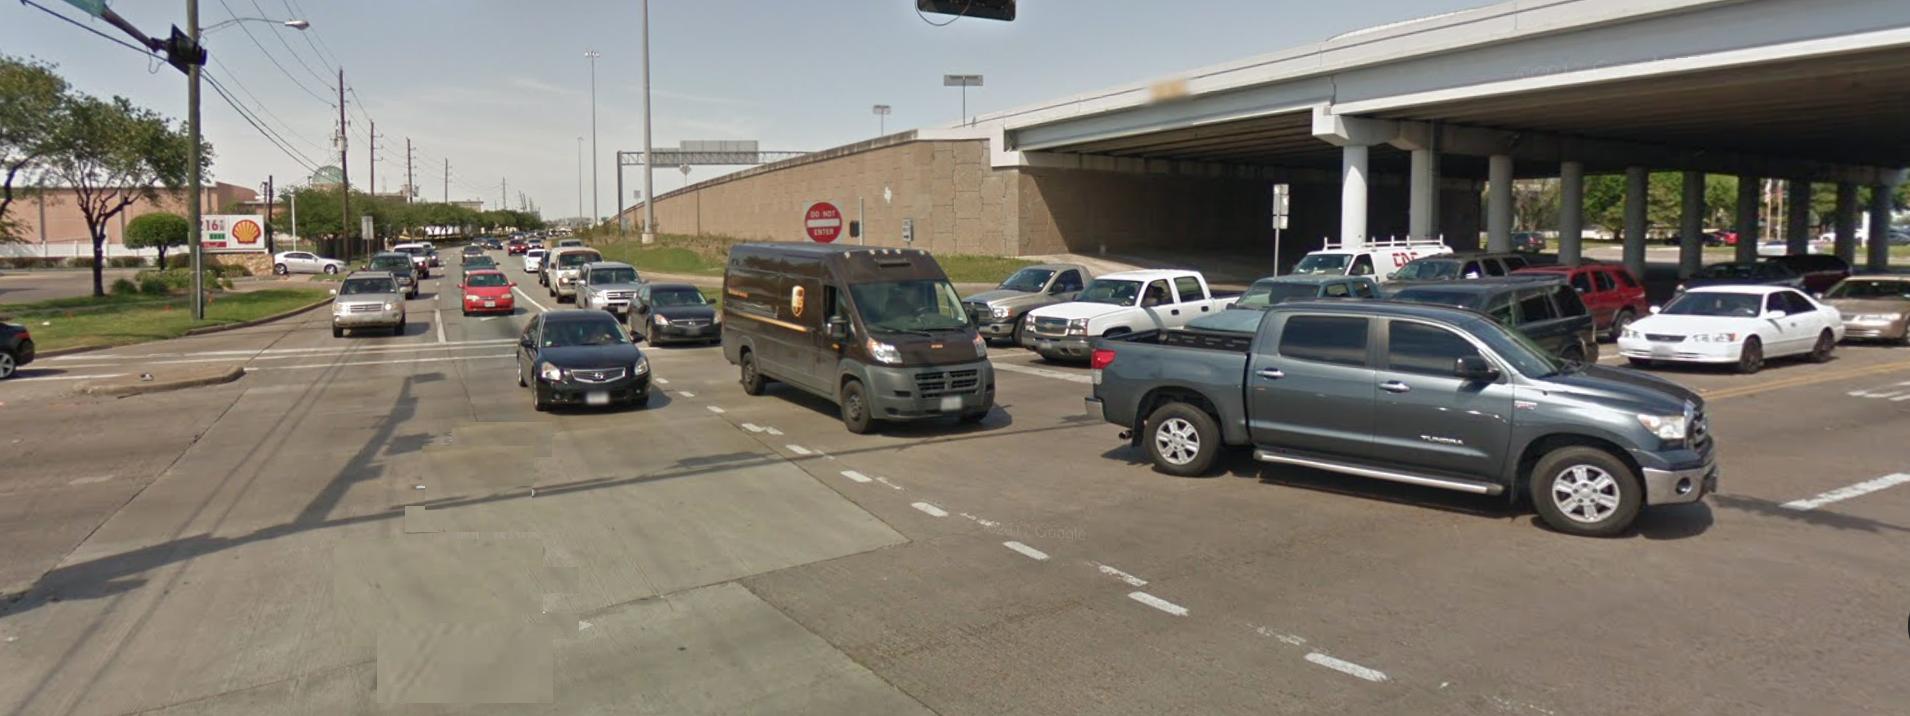 中國城附近的W Sam Houston Parkway與Bissonet街交界區域位列全德州最危險十字路口榜首。(取材自Google地圖)